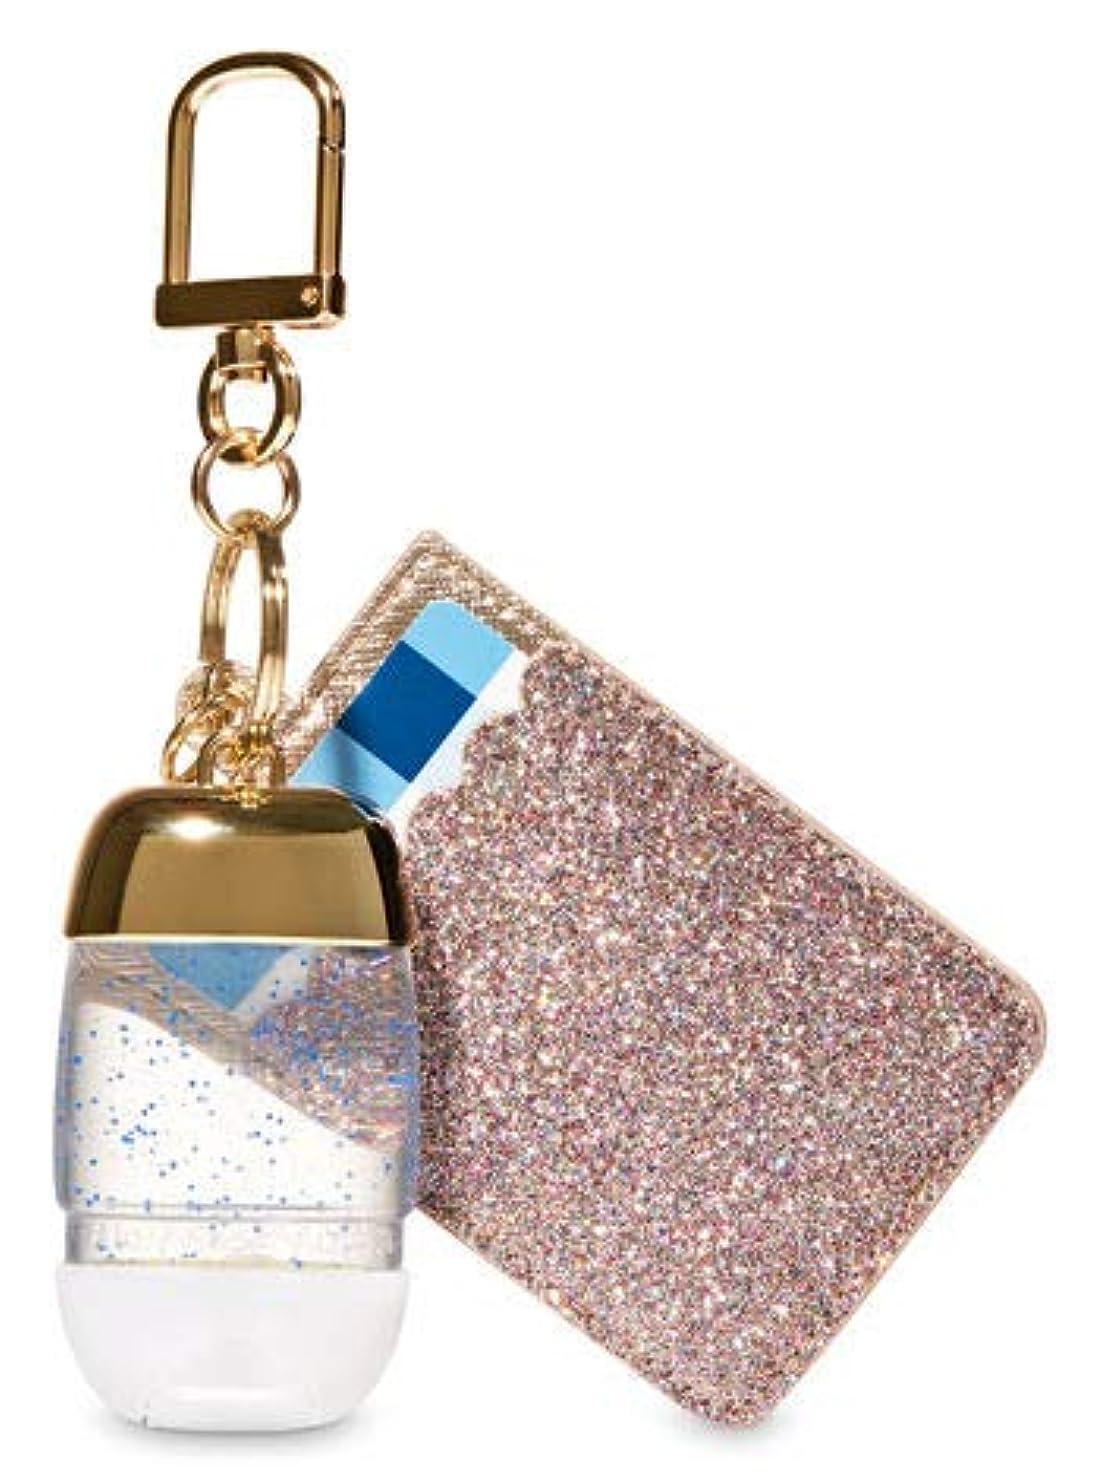 引っ張る勧告幽霊【Bath&Body Works/バス&ボディワークス】 抗菌ハンドジェルホルダー カードケース グリッターゴールド Credit Card & PocketBac Holder Glitterly Gold [並行輸入品]